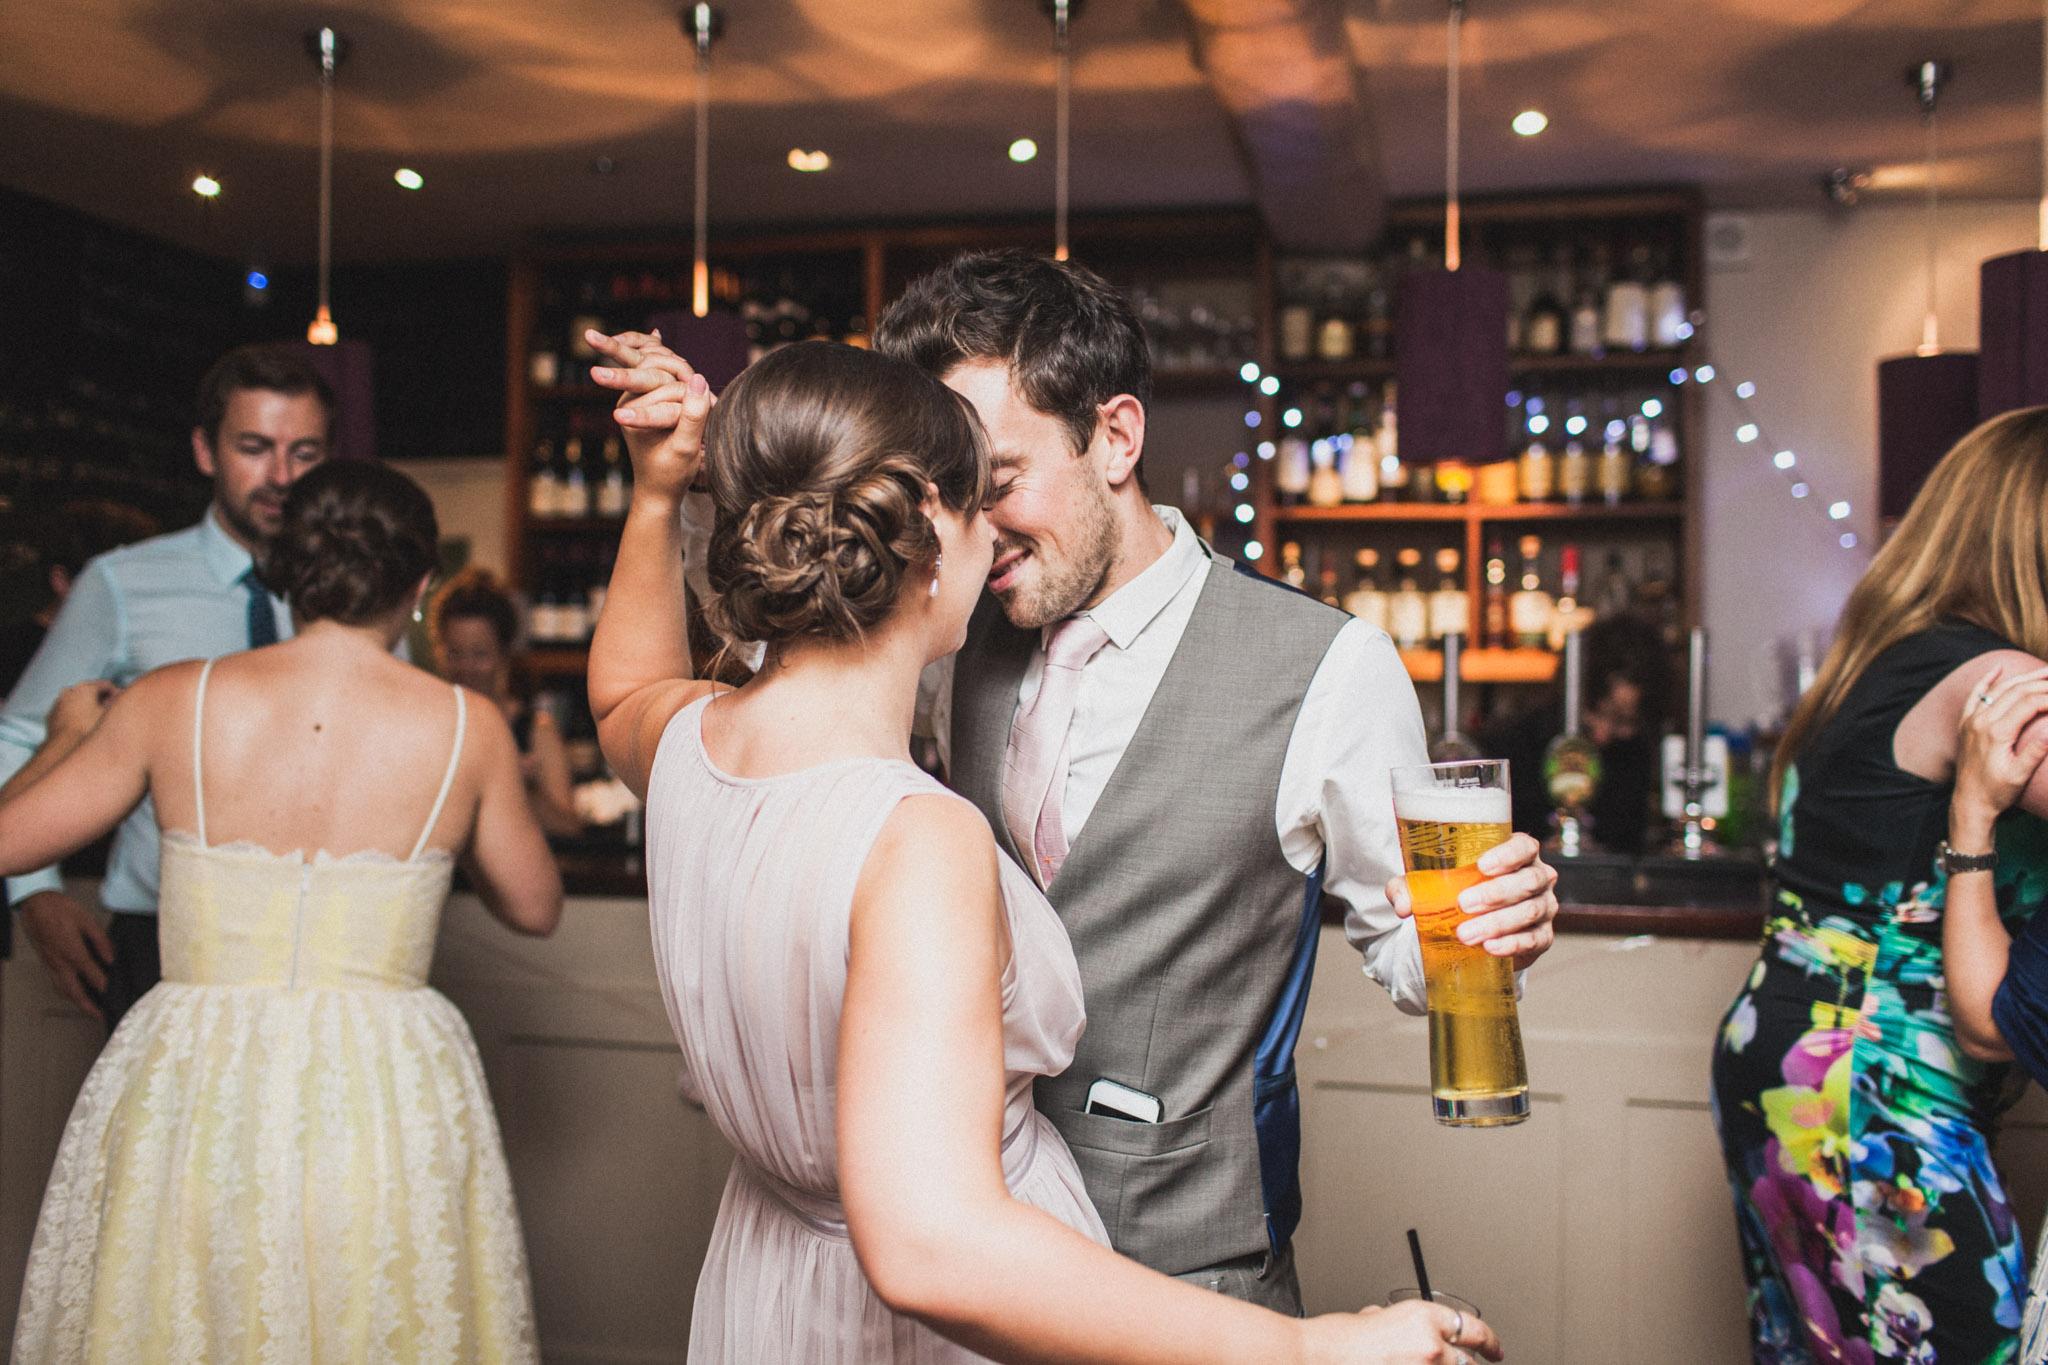 lewes_wedding_photographer_0090.jpg